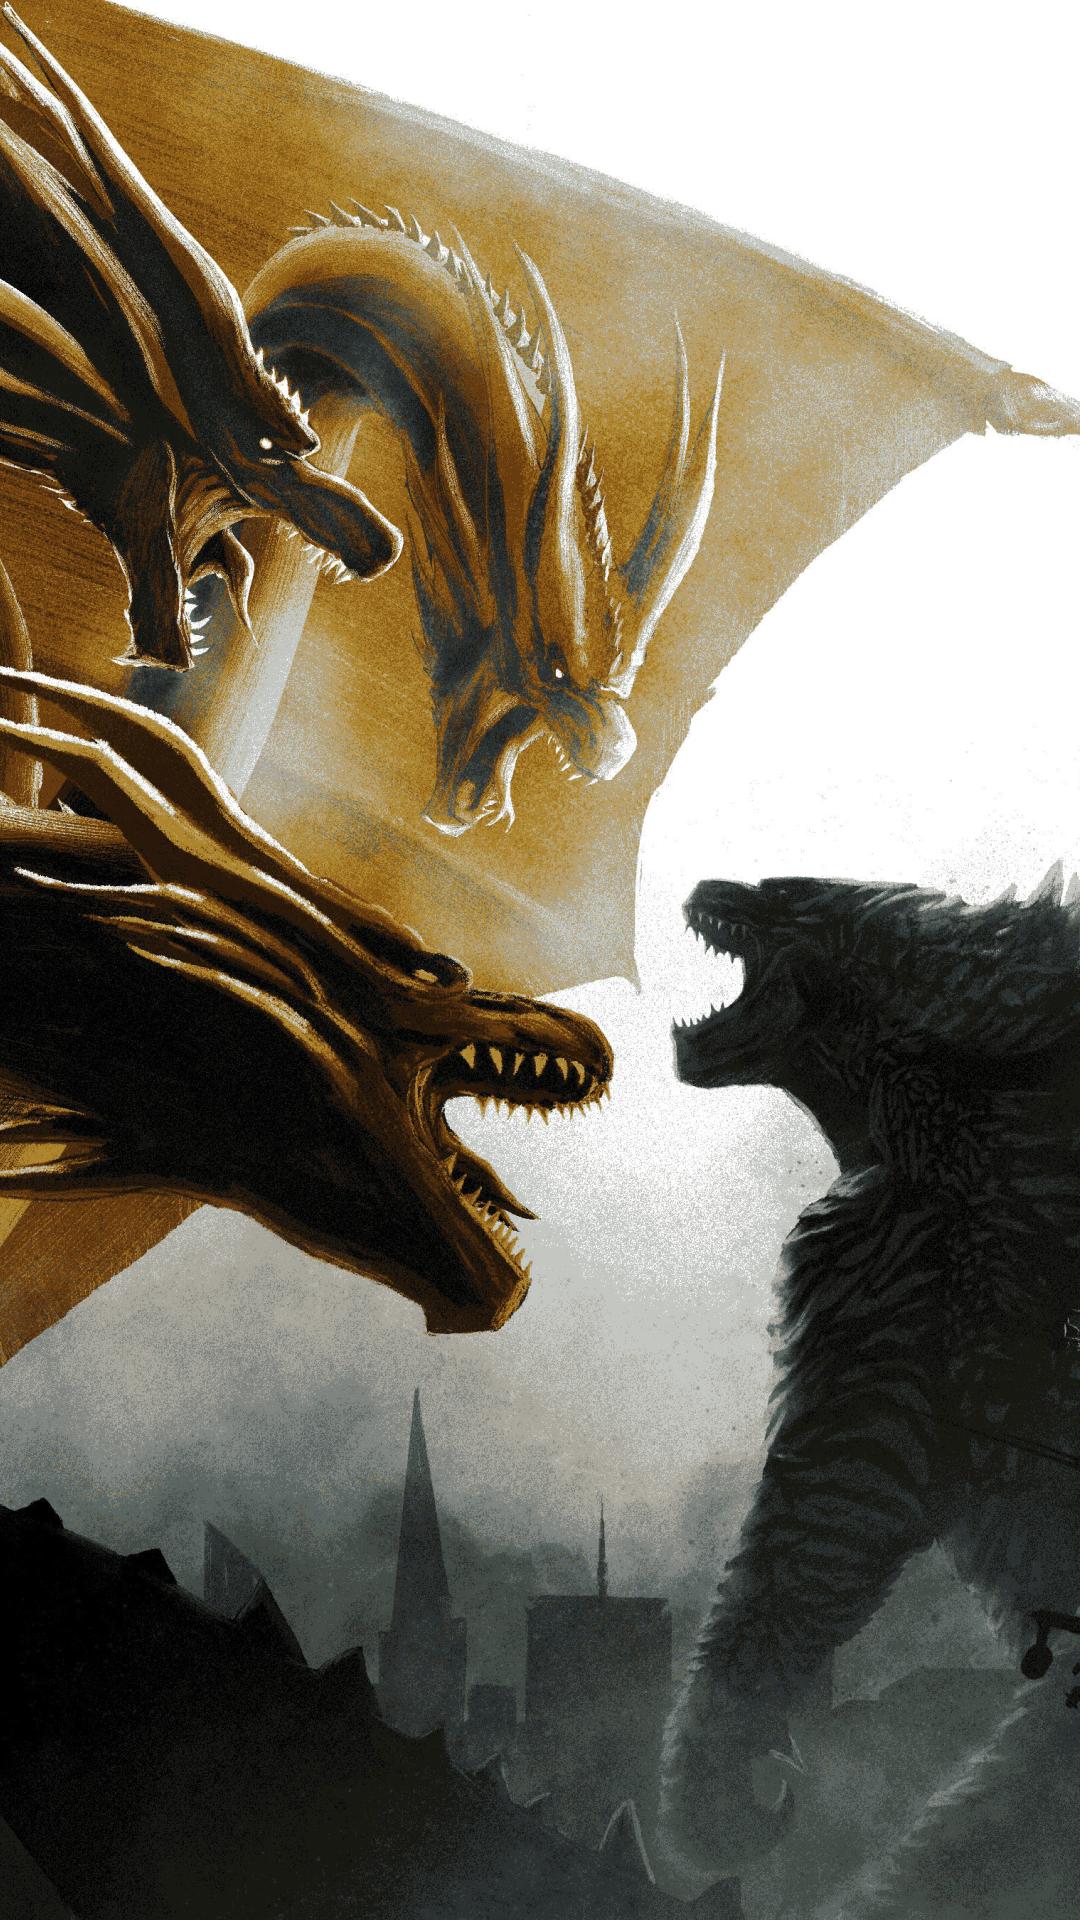 1080x1920 Godzilla Vs King Ghidorah In Godzilla King Of The